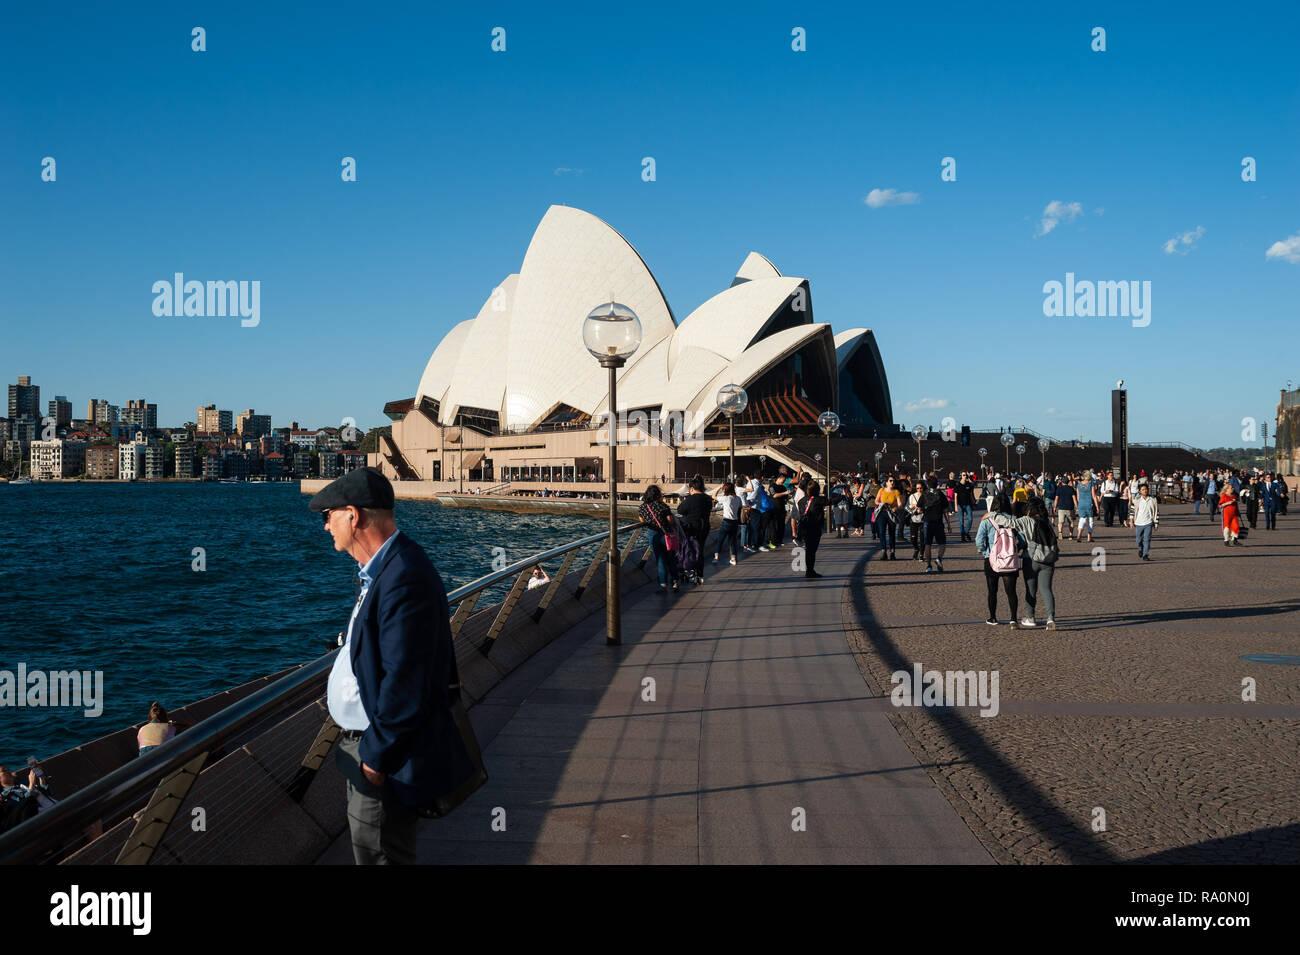 19.09.2018, Sydney, New South Wales, Australien - Ein Mann steht am Ufer des Circular Quay waehrend im Hintergrund das beruehmte Opernhaus von Sydney  - Stock Image